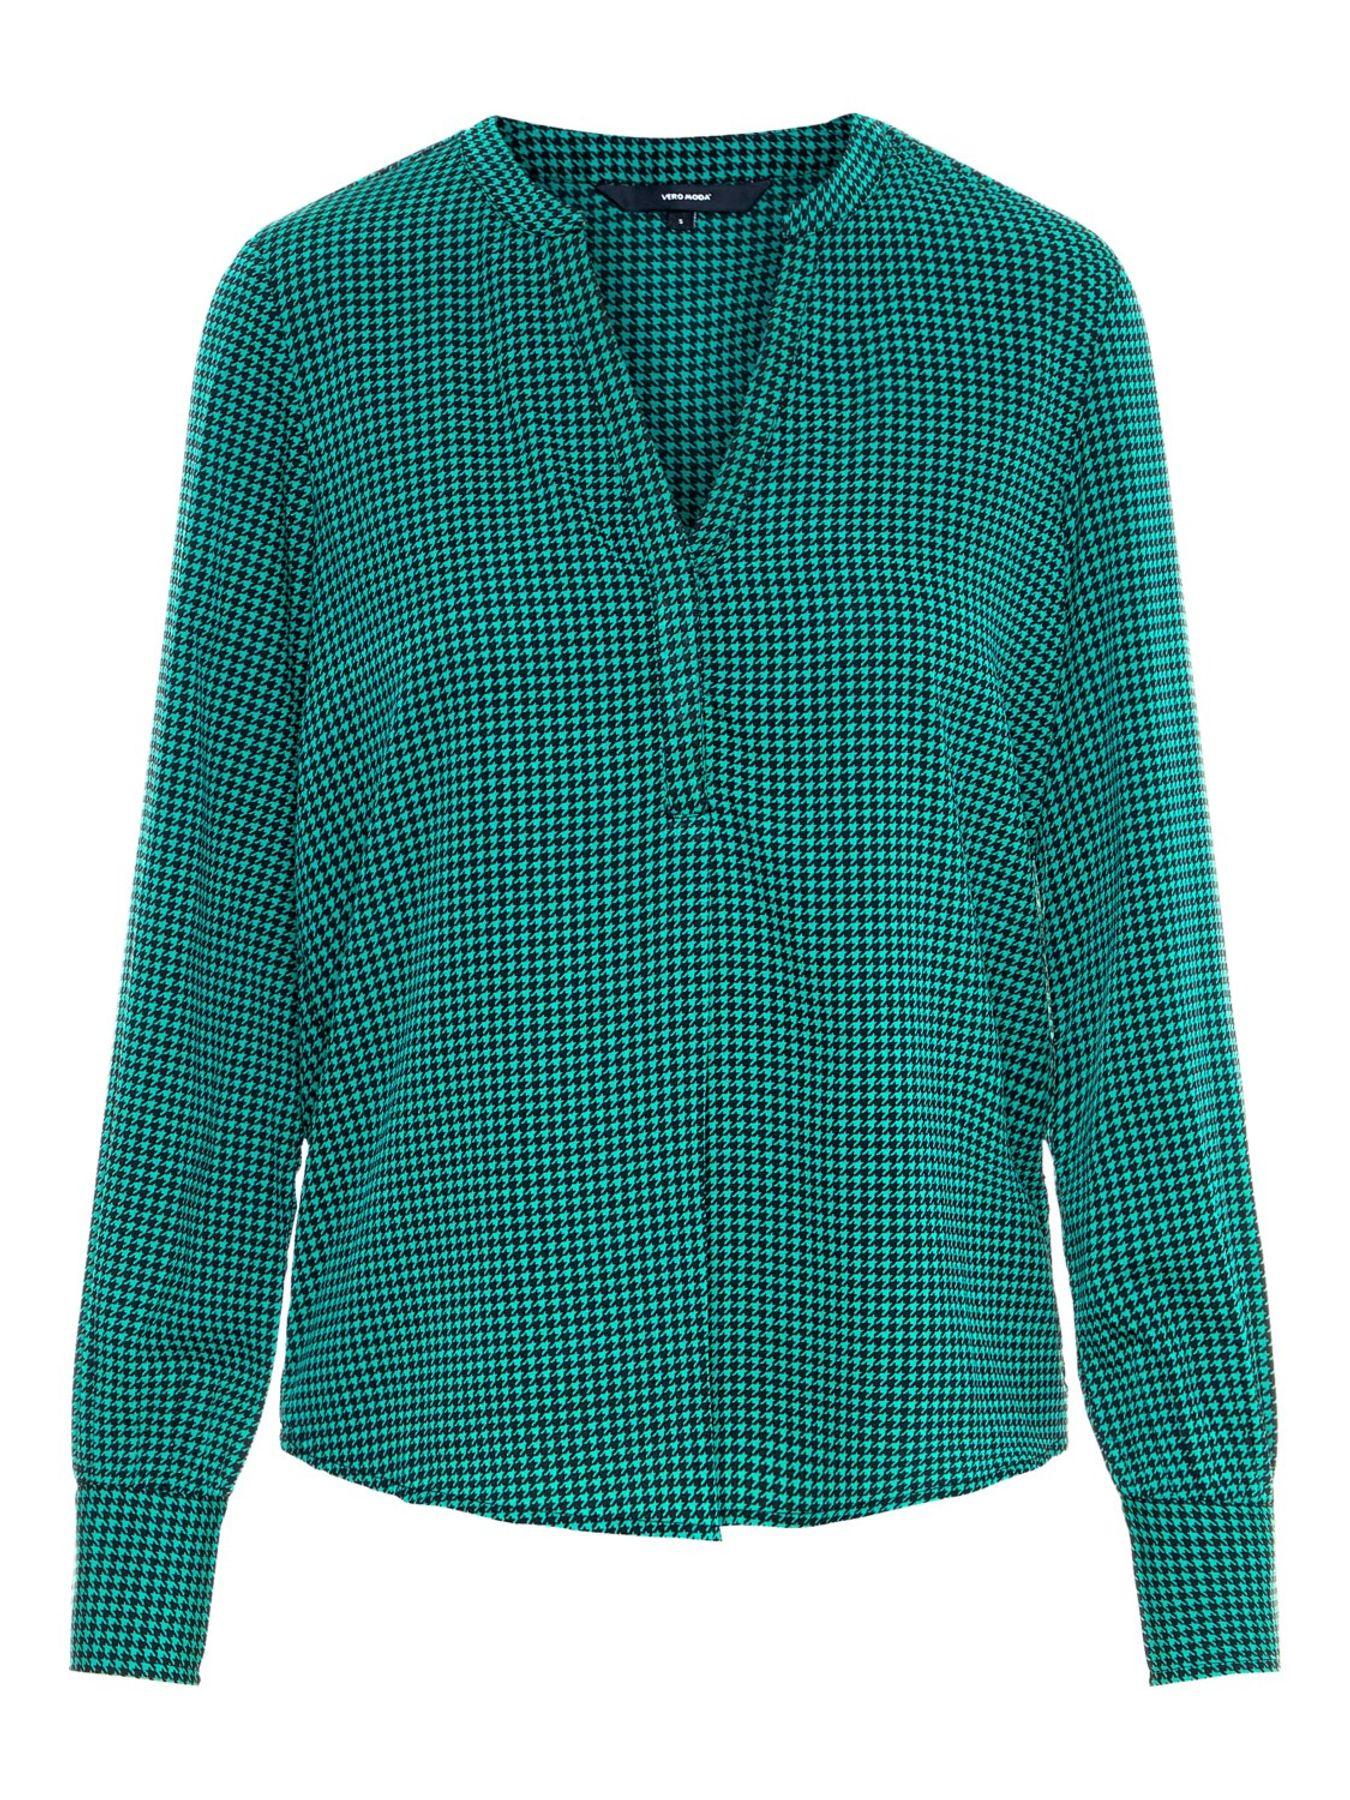 VERO MODA - Damen Top in verschiedene Farben, VMHALLIE LS TOP (10206593) – Bild 6